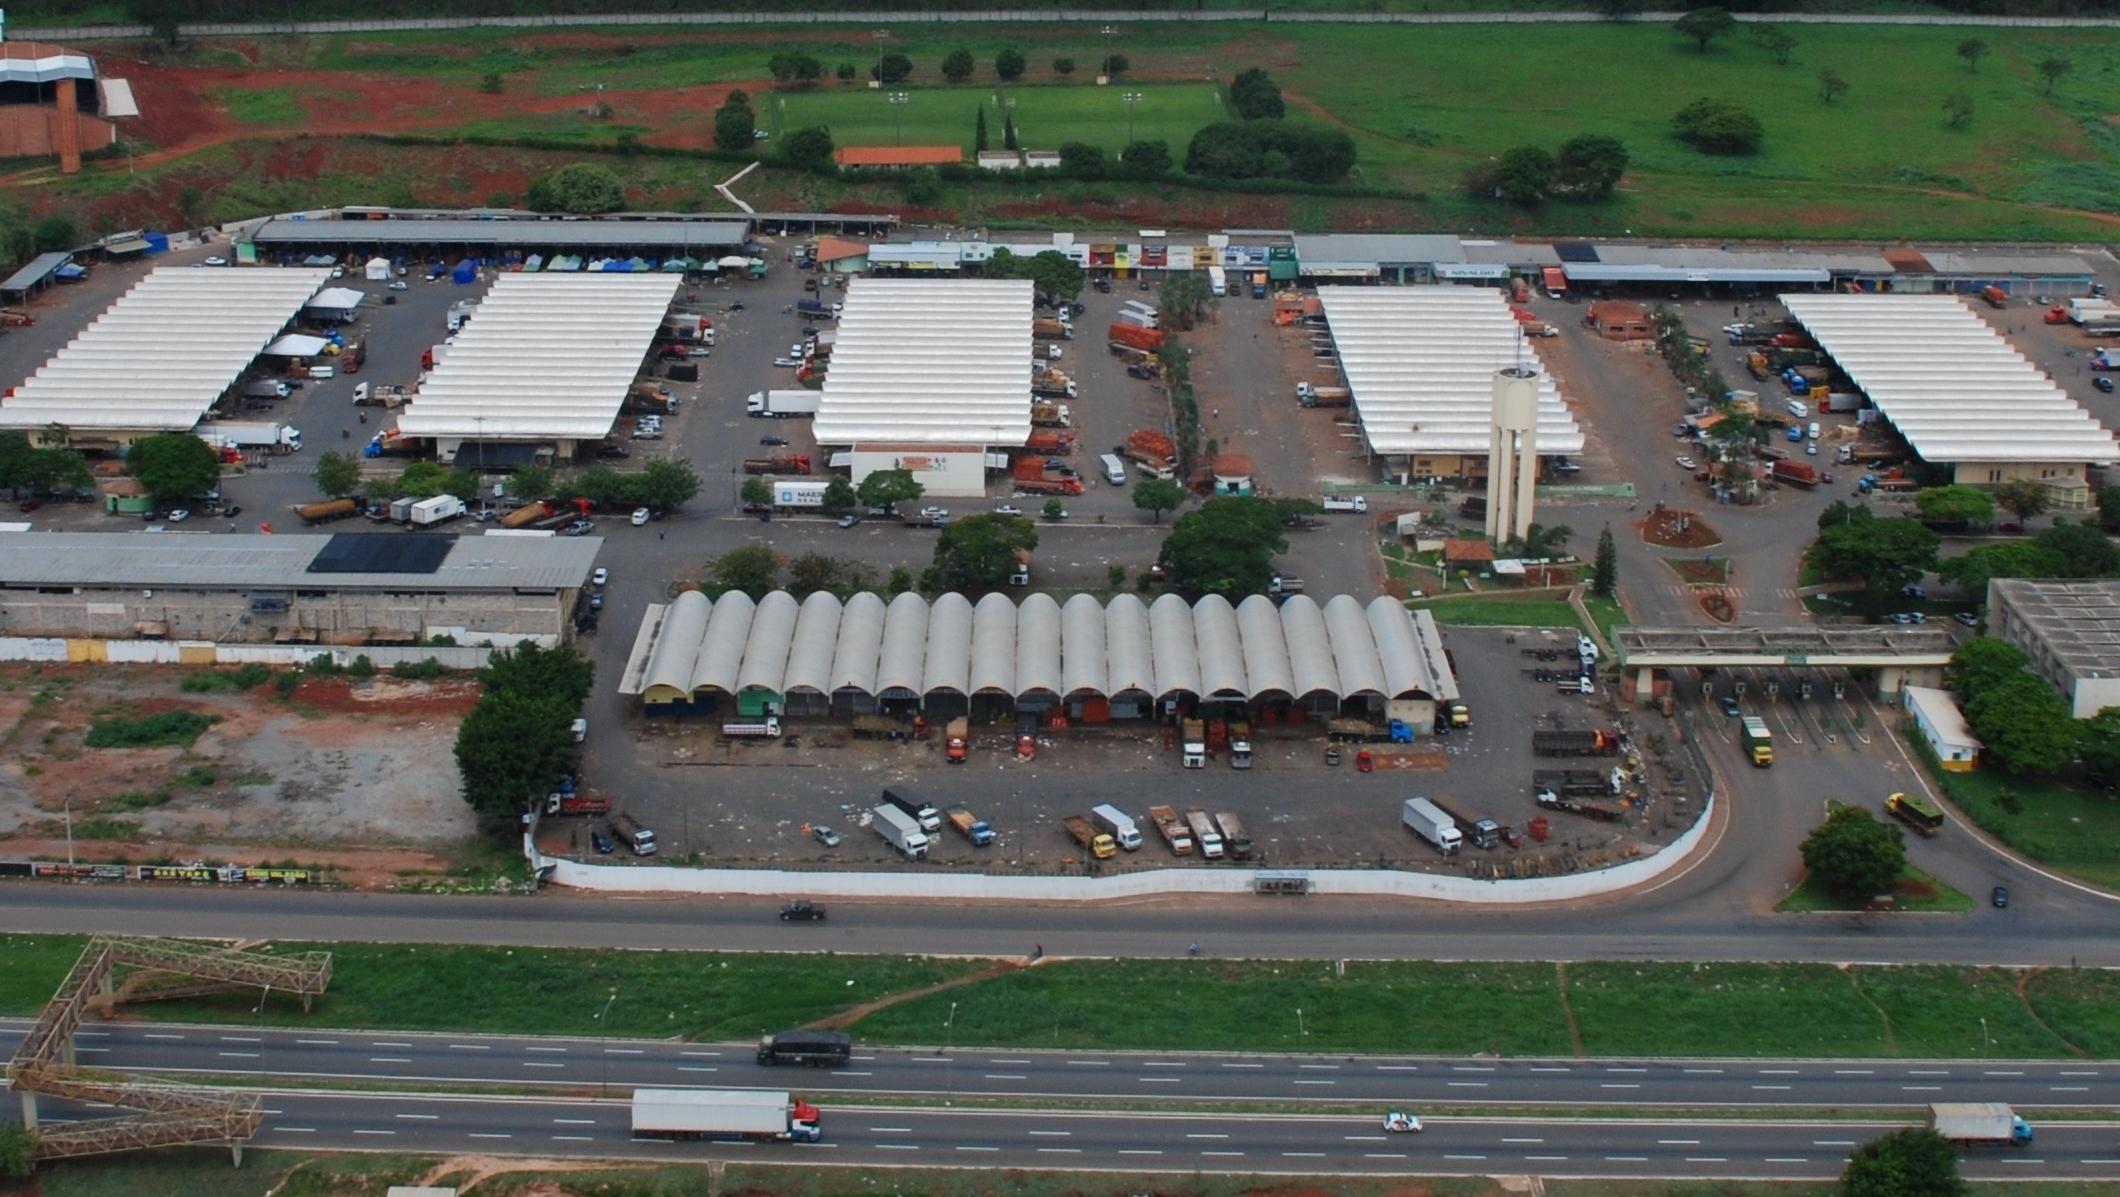 Greve dos caminhoneiros afeta Goiás: no Ceasa, preços aumentam e podem faltar produtos